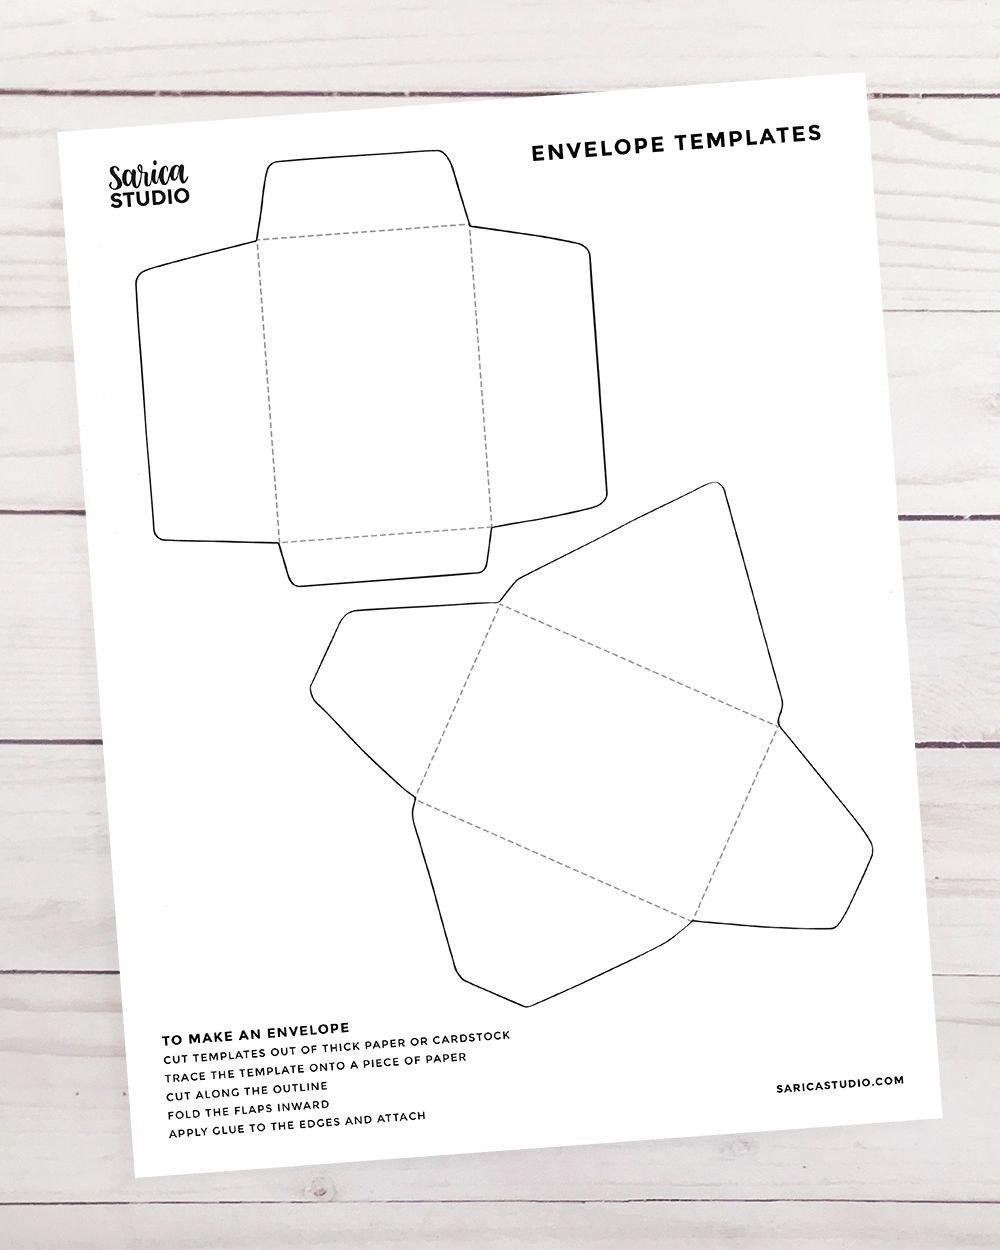 Free Mini Envelope Templates  Mini Envelopes  Envelope Template Pertaining To Envelope Templates For Card Making